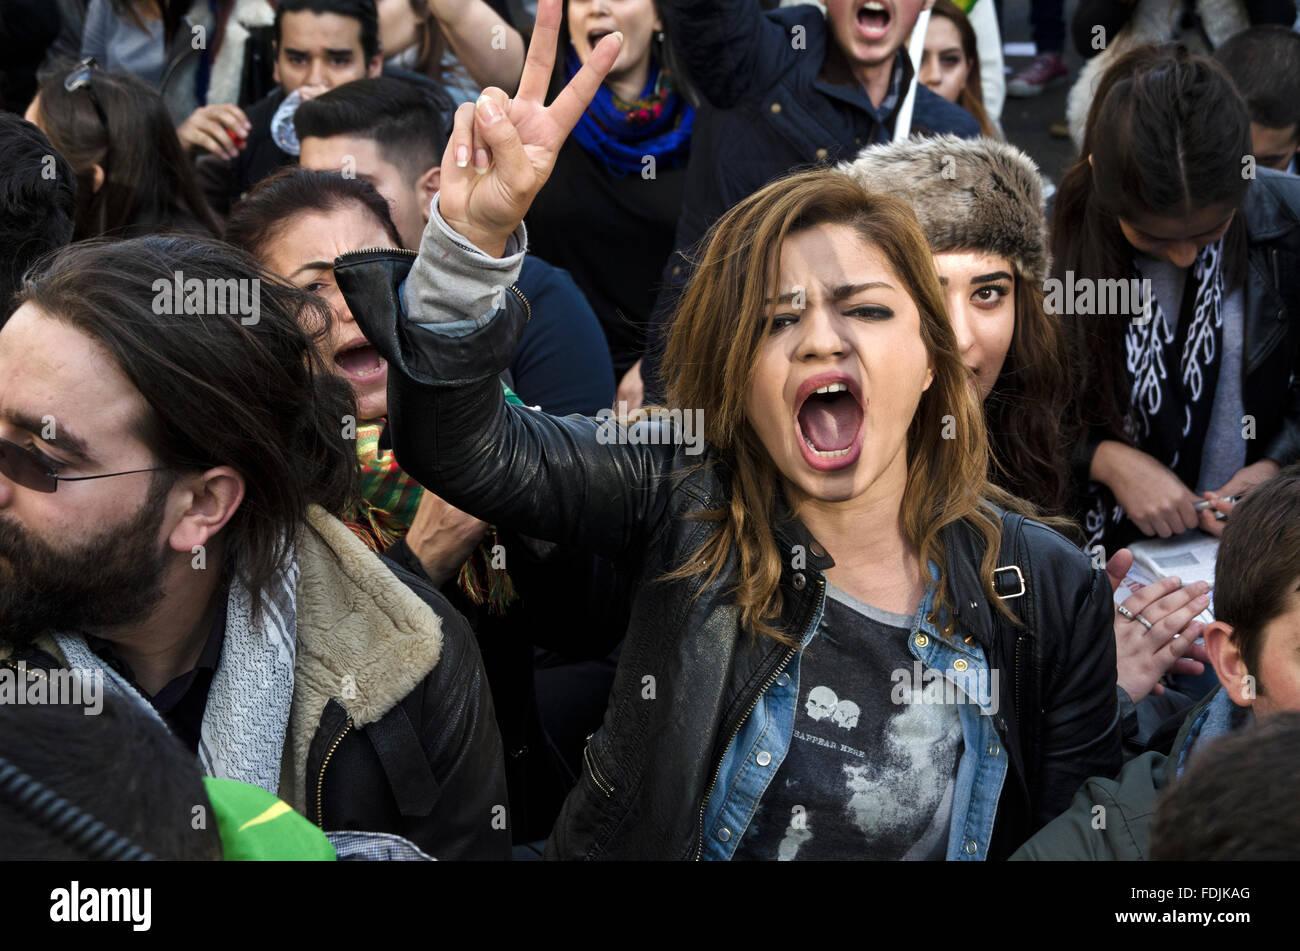 Manifestant kurde femelle crier pendant l'Kobane manifestations à Londres Photo Stock